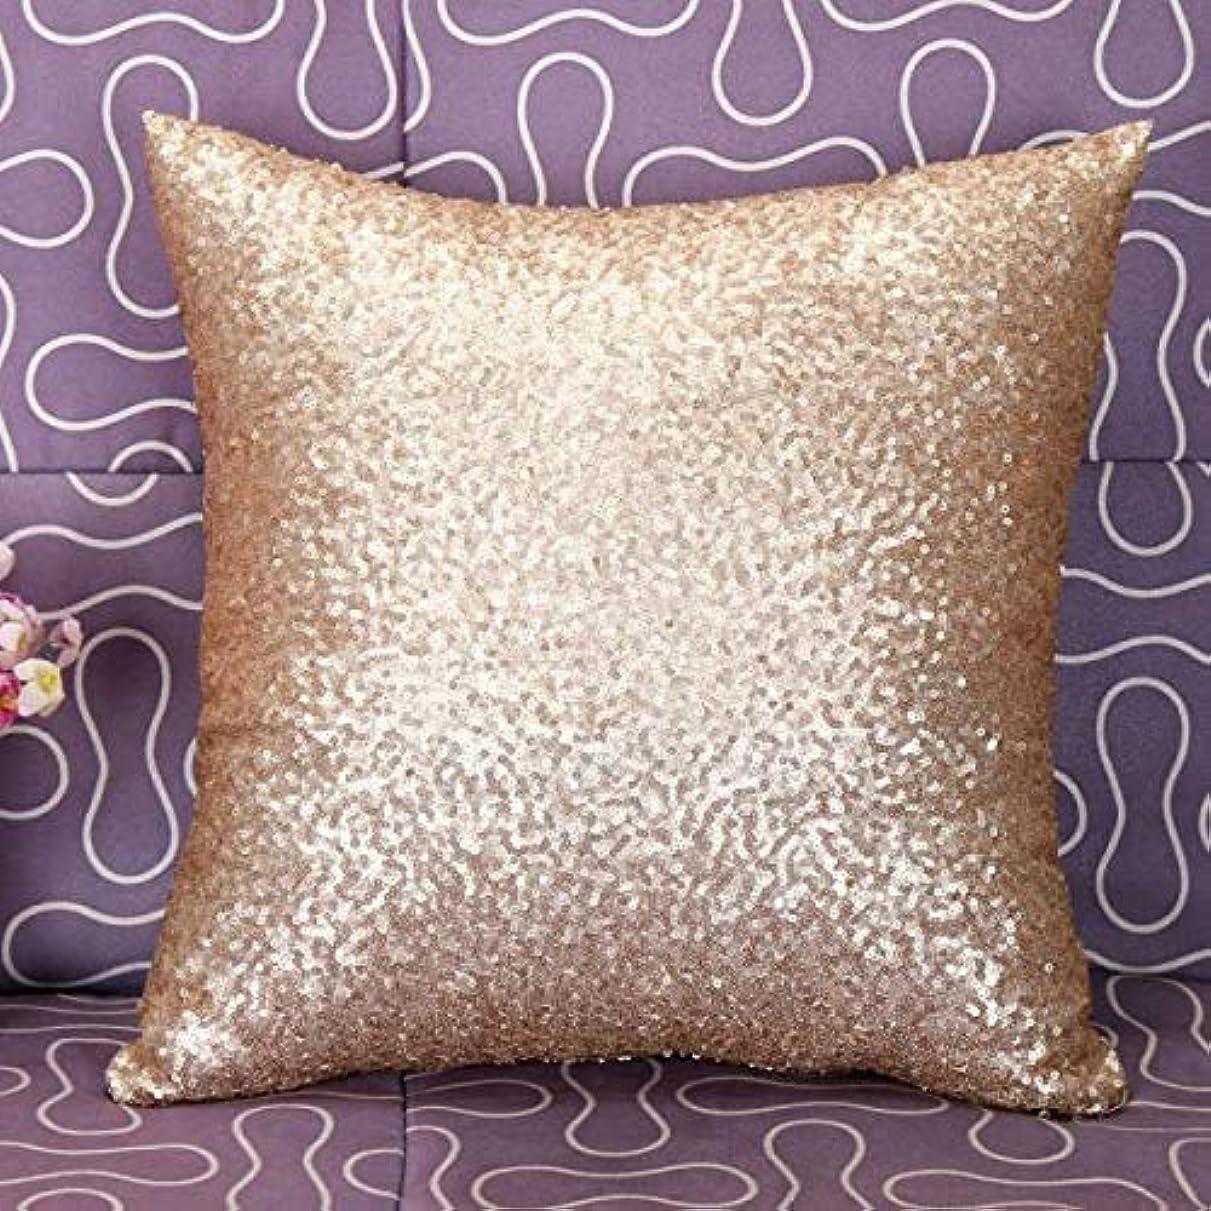 うっかり一握り鳴らすLIFE 枕カバー無地グリッターシルバースパンコールブリンブリンスローカフェ家の装飾クッション装飾 D1 クッション 椅子